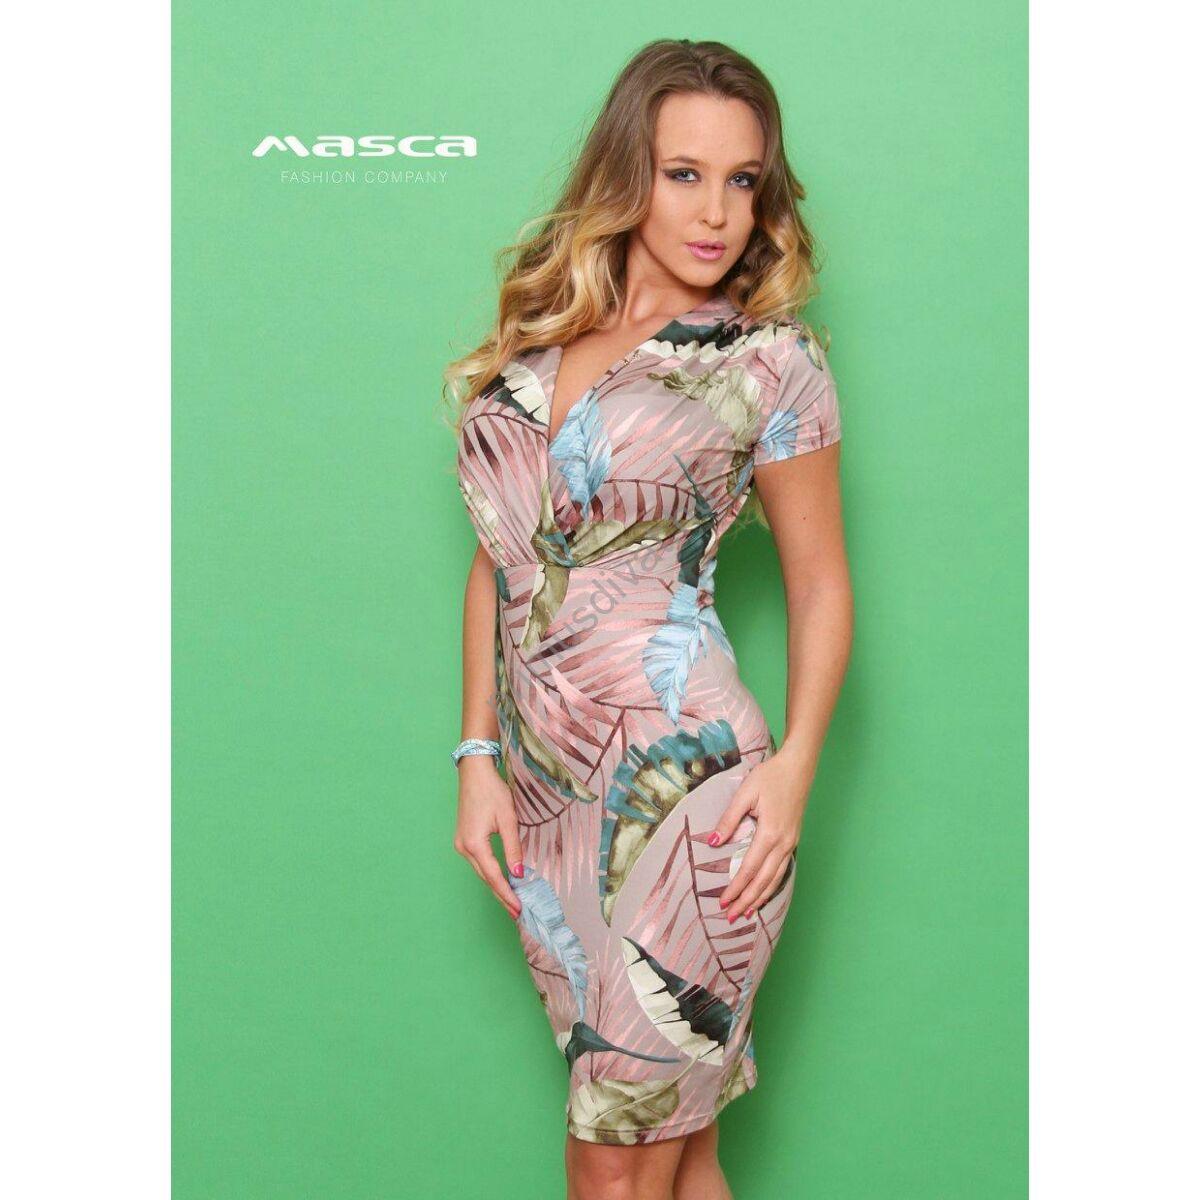 Masca Fashion átlapolt levélmintás mályva színű rövid ujjú ruha 16aa1e28d5